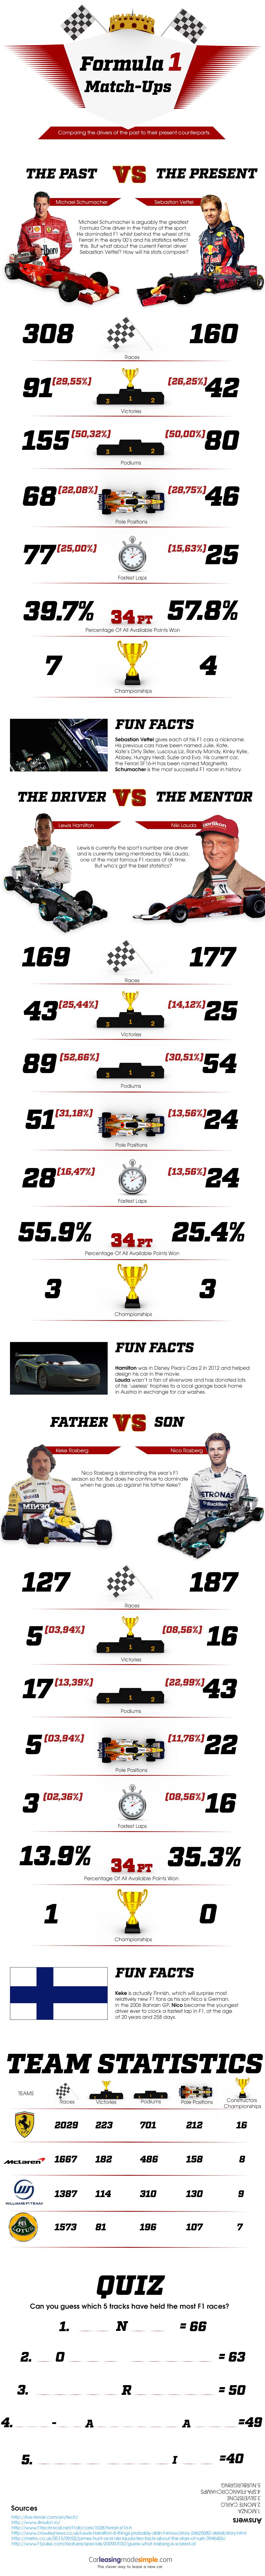 Formula 1 Racing Match Ups